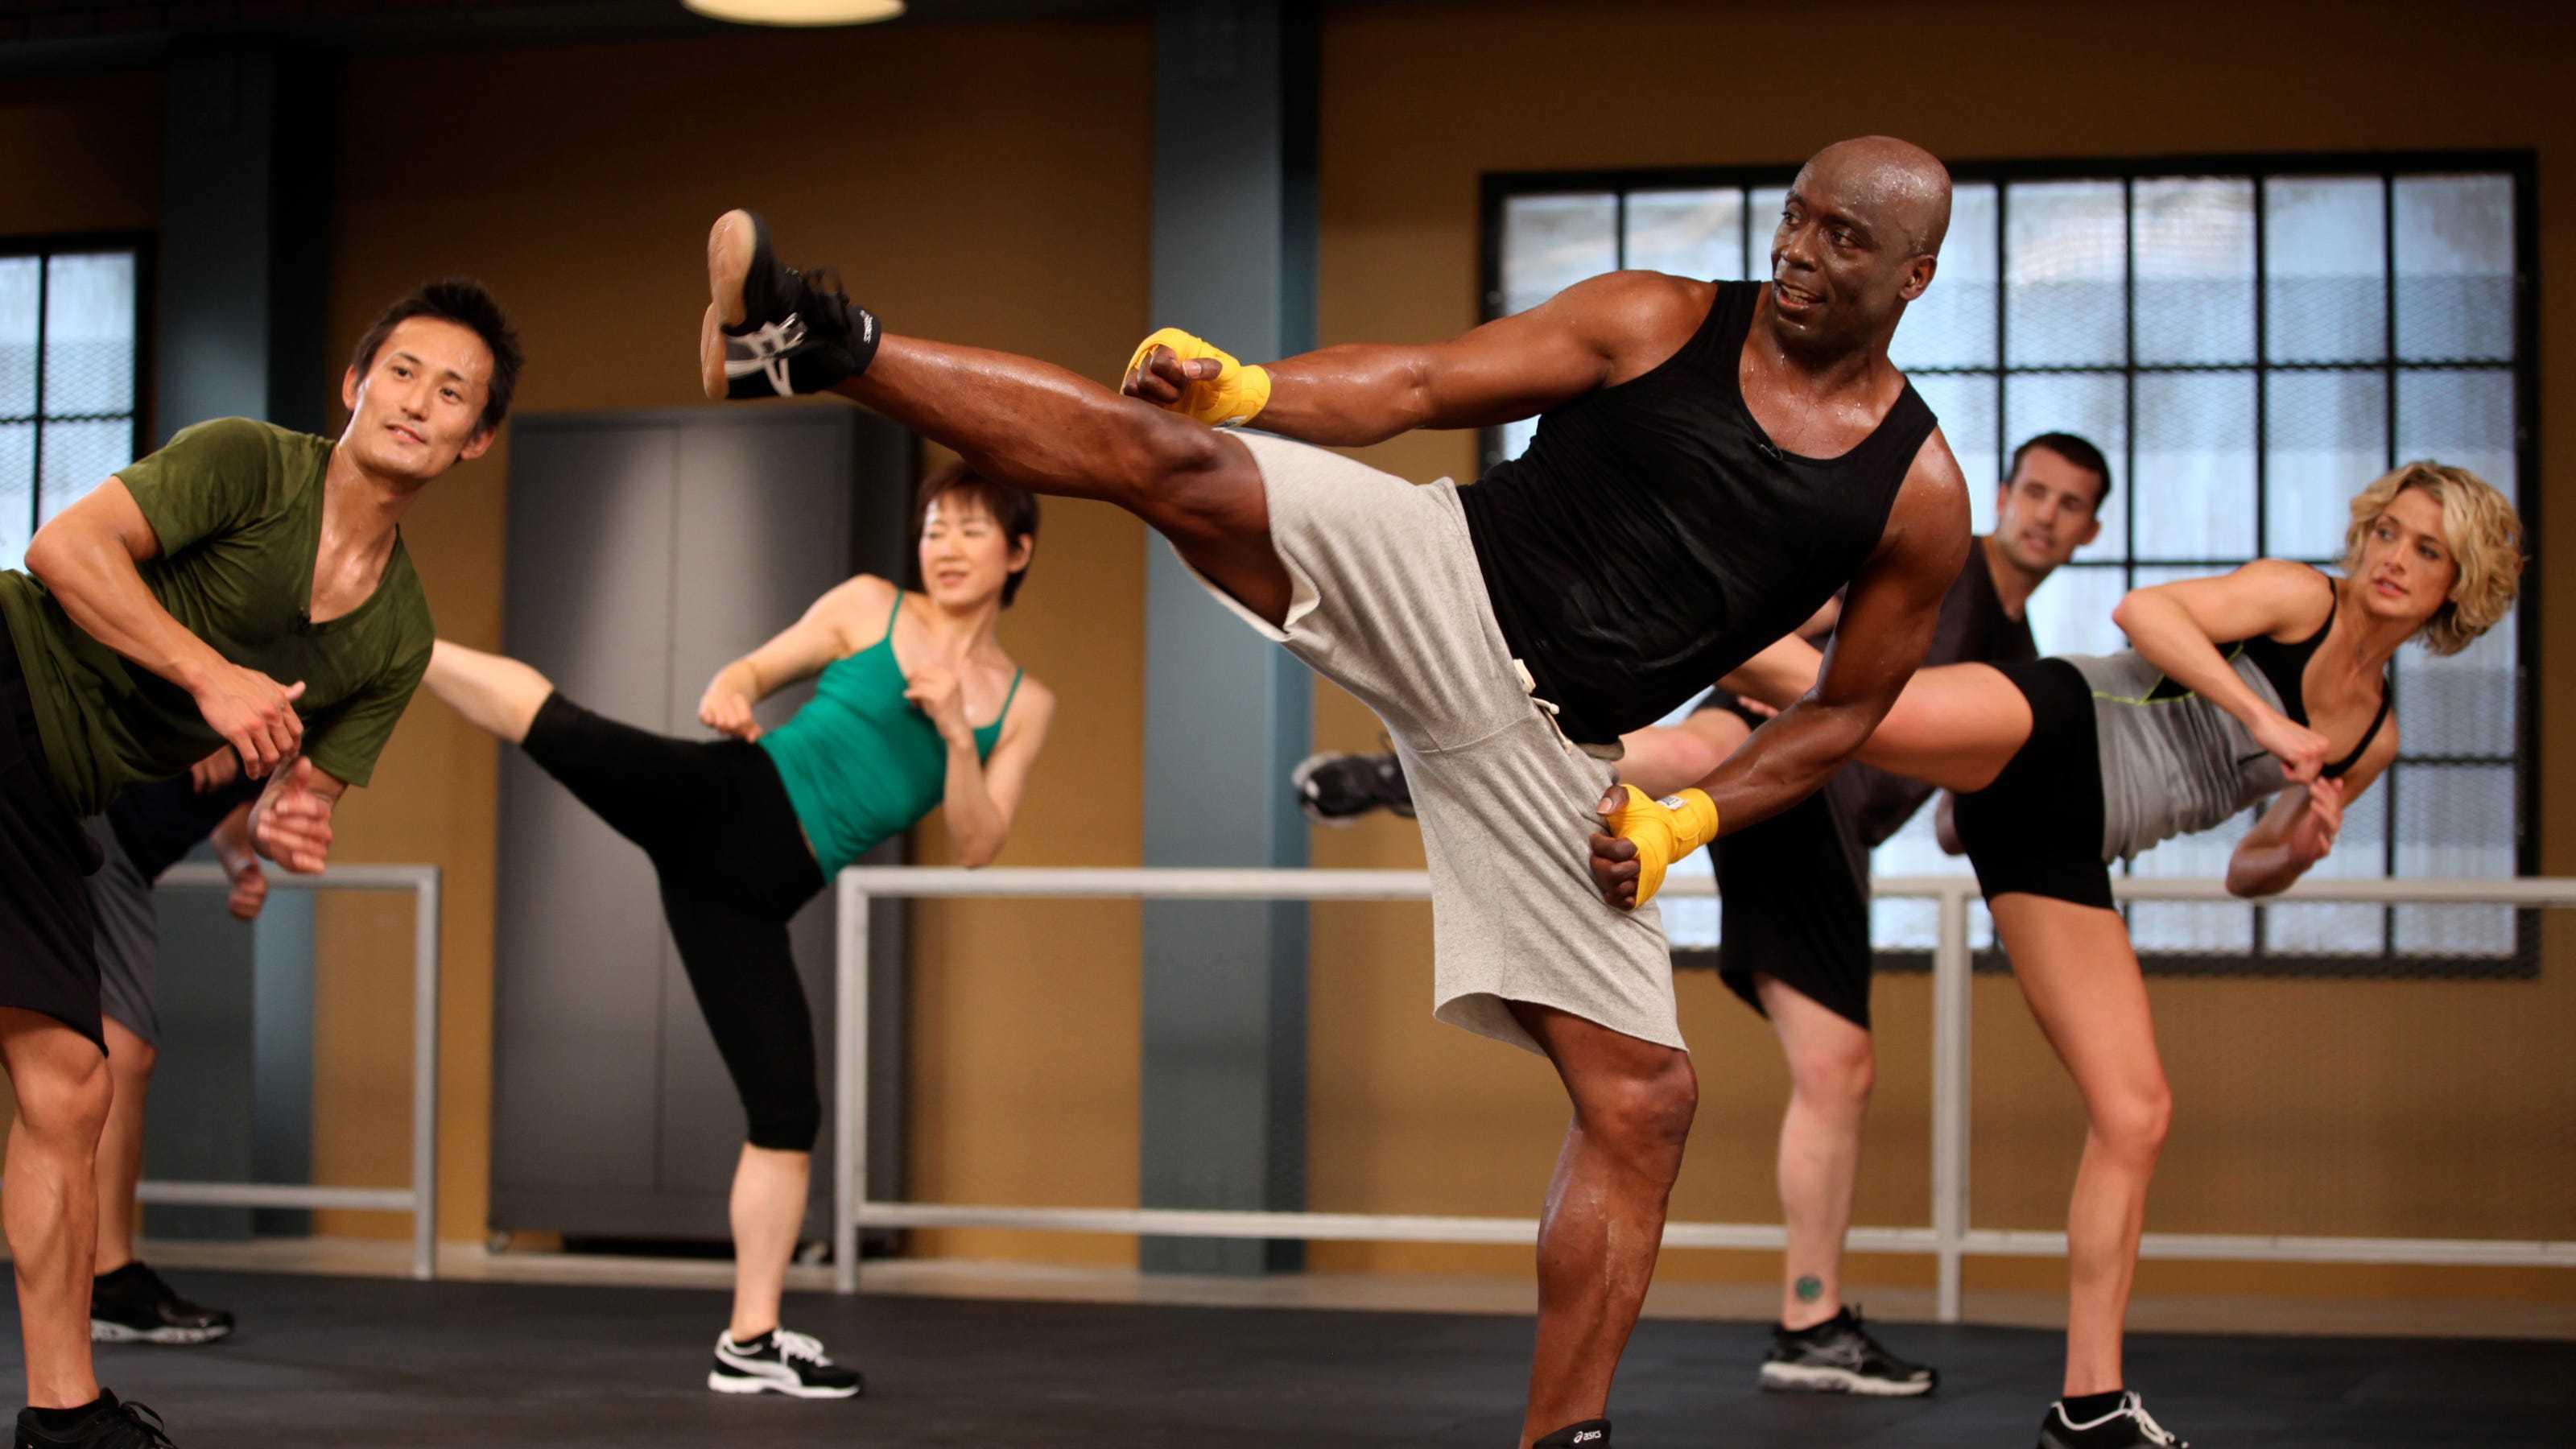 Кардио-тренировка с бобом харпером и другими тренерами the biggest loser